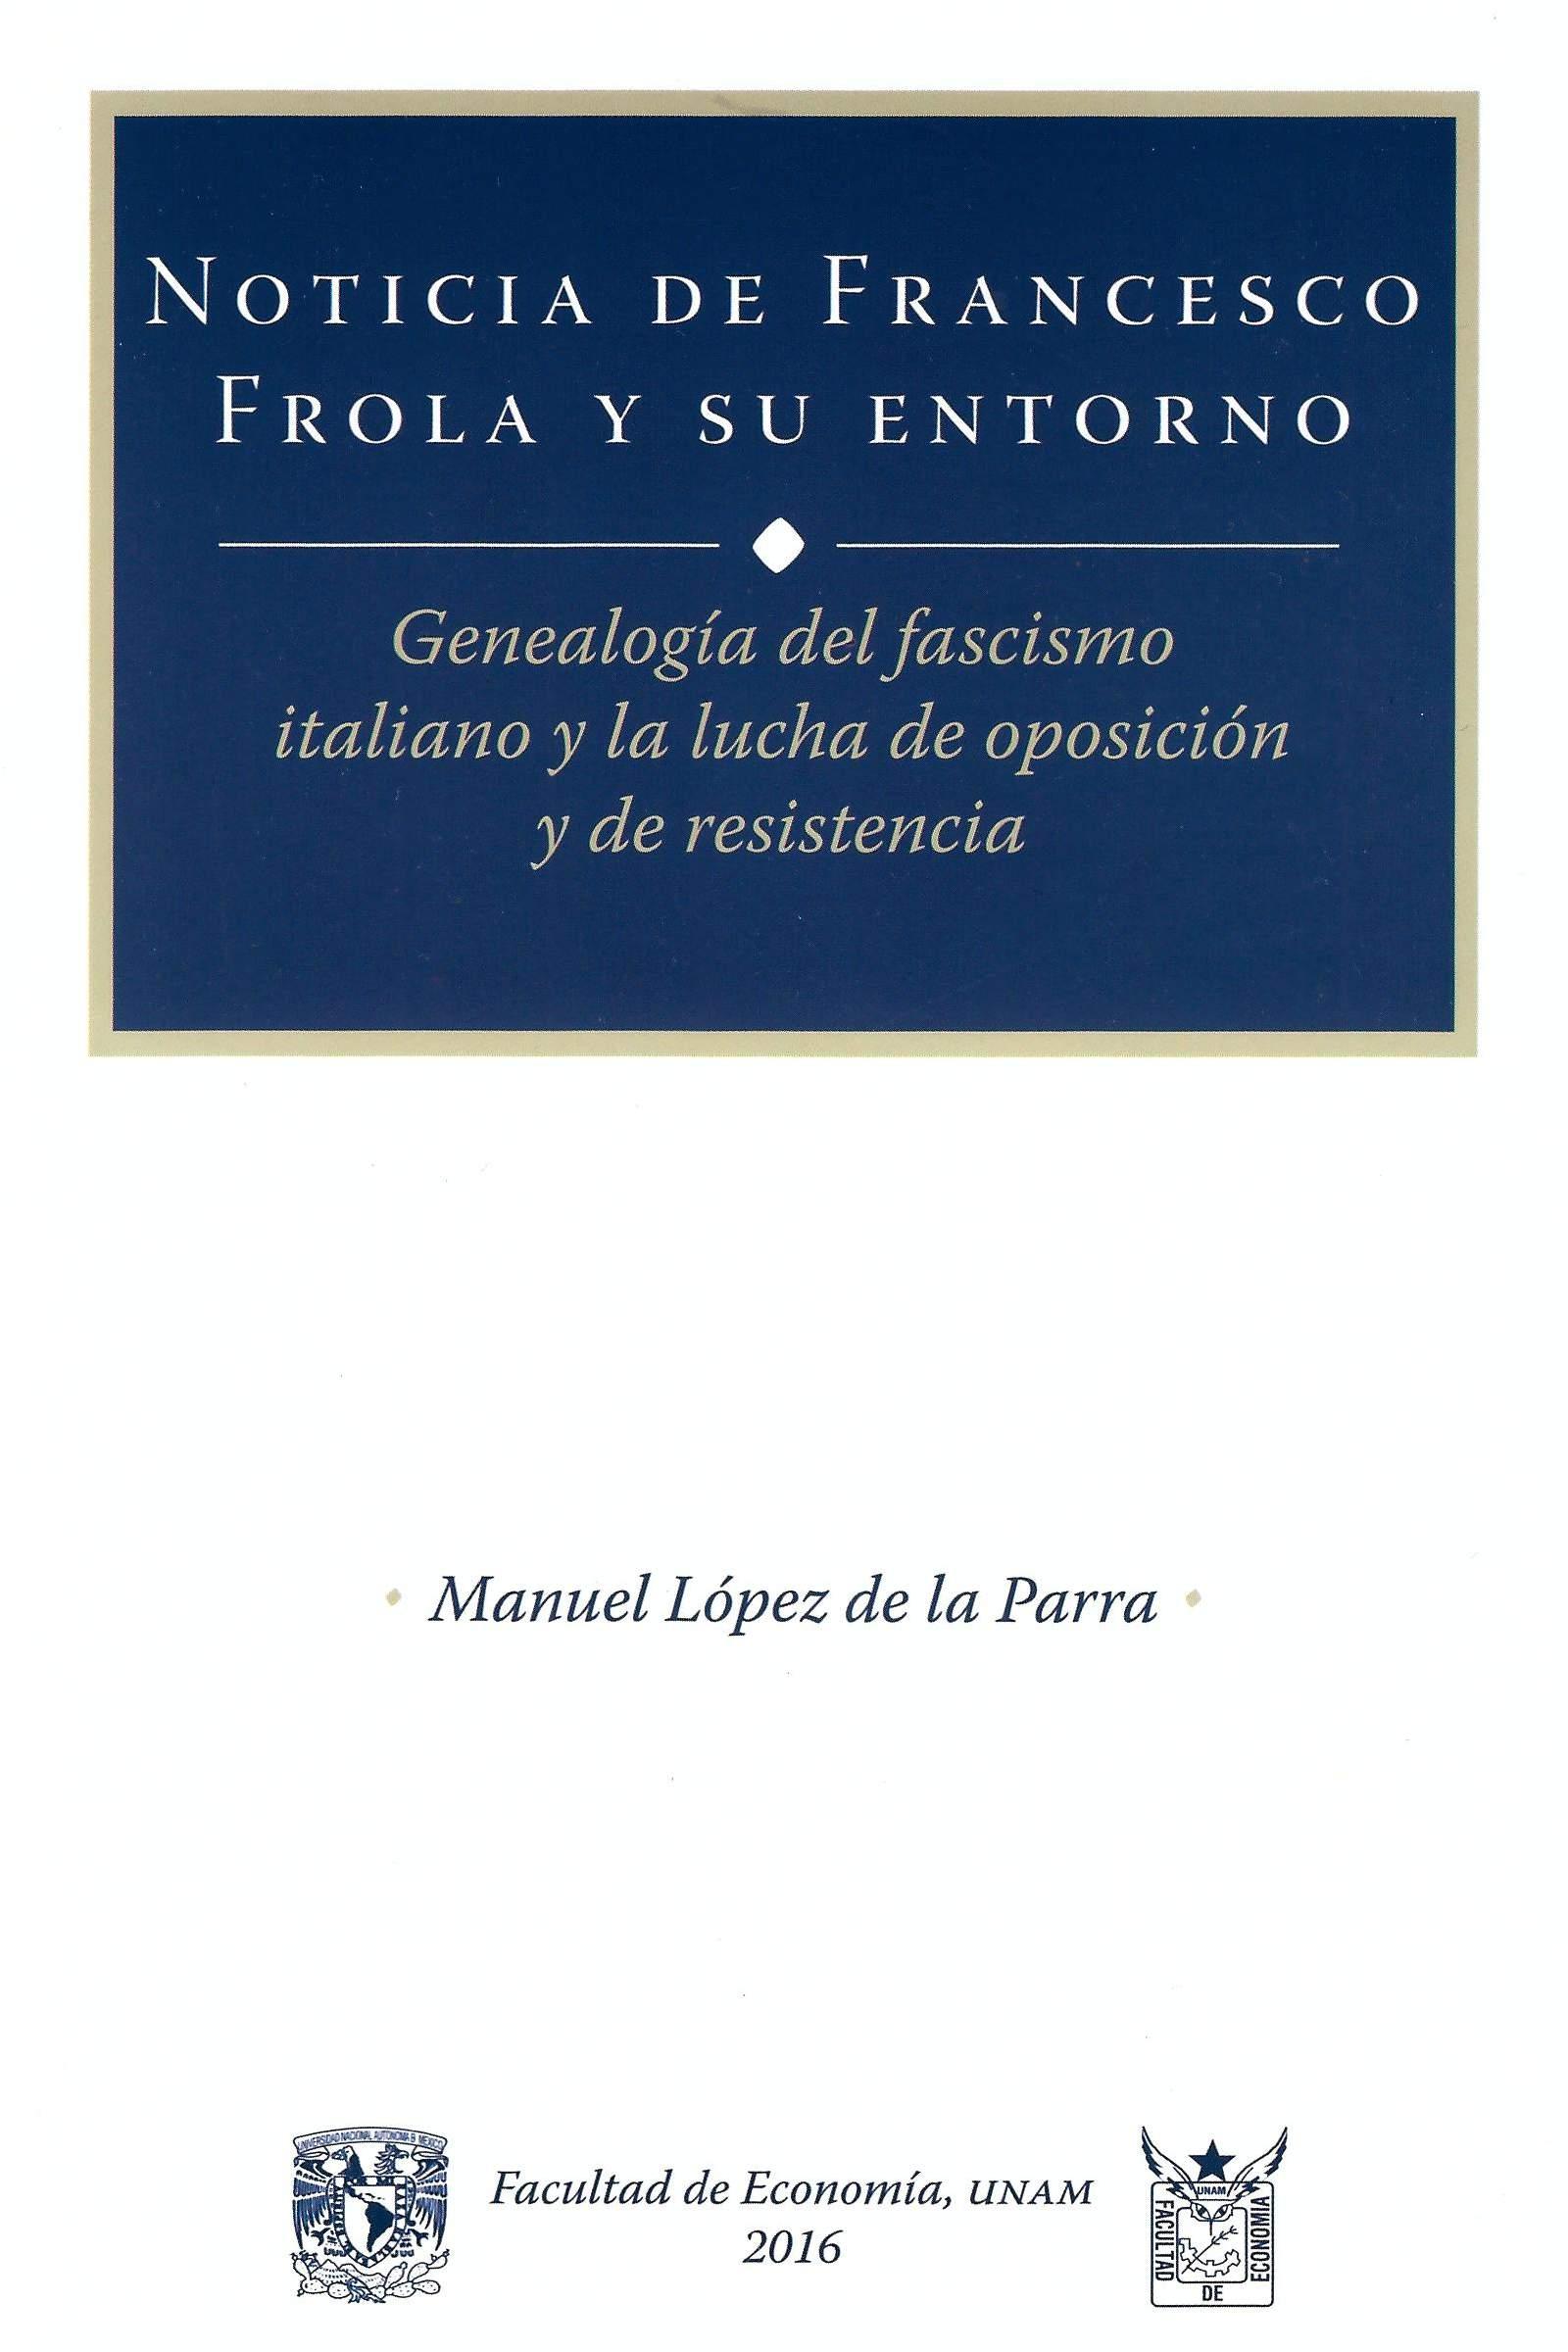 Noticia de Francesco Frola y su entorno Genealogía del fascismo italiano y la lucha de oposición y de resistencia